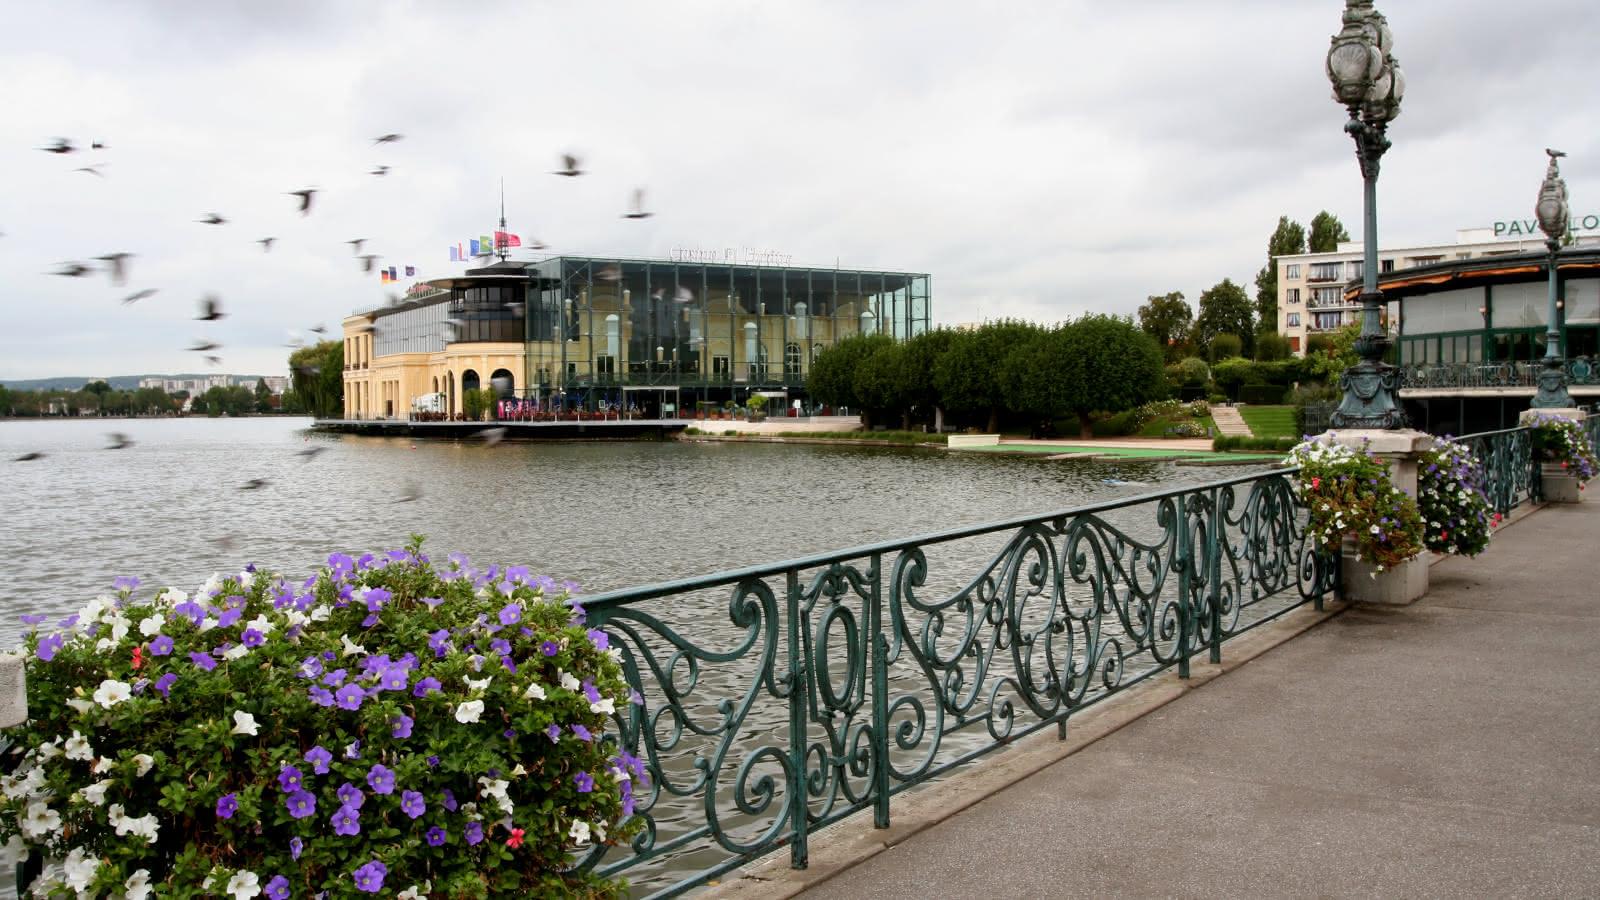 Photo du bord du lac d'Enghien, avec vue sur le Casino